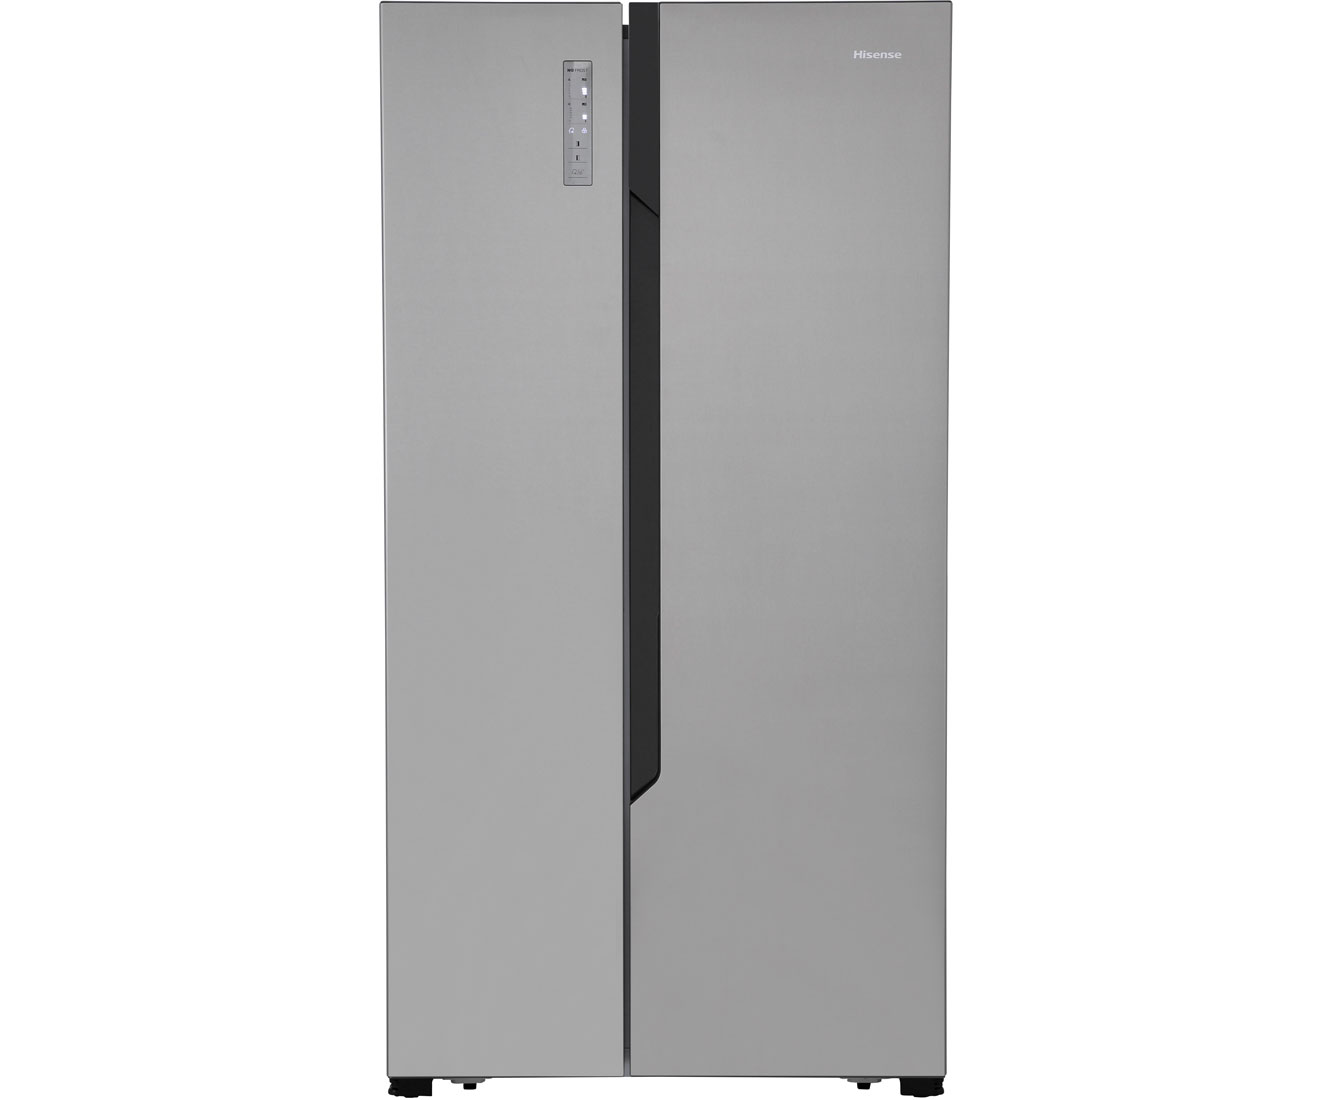 Smeg Kühlschrank Zu Laut : Kühlschrank samsung side by side preisvergleich u die besten